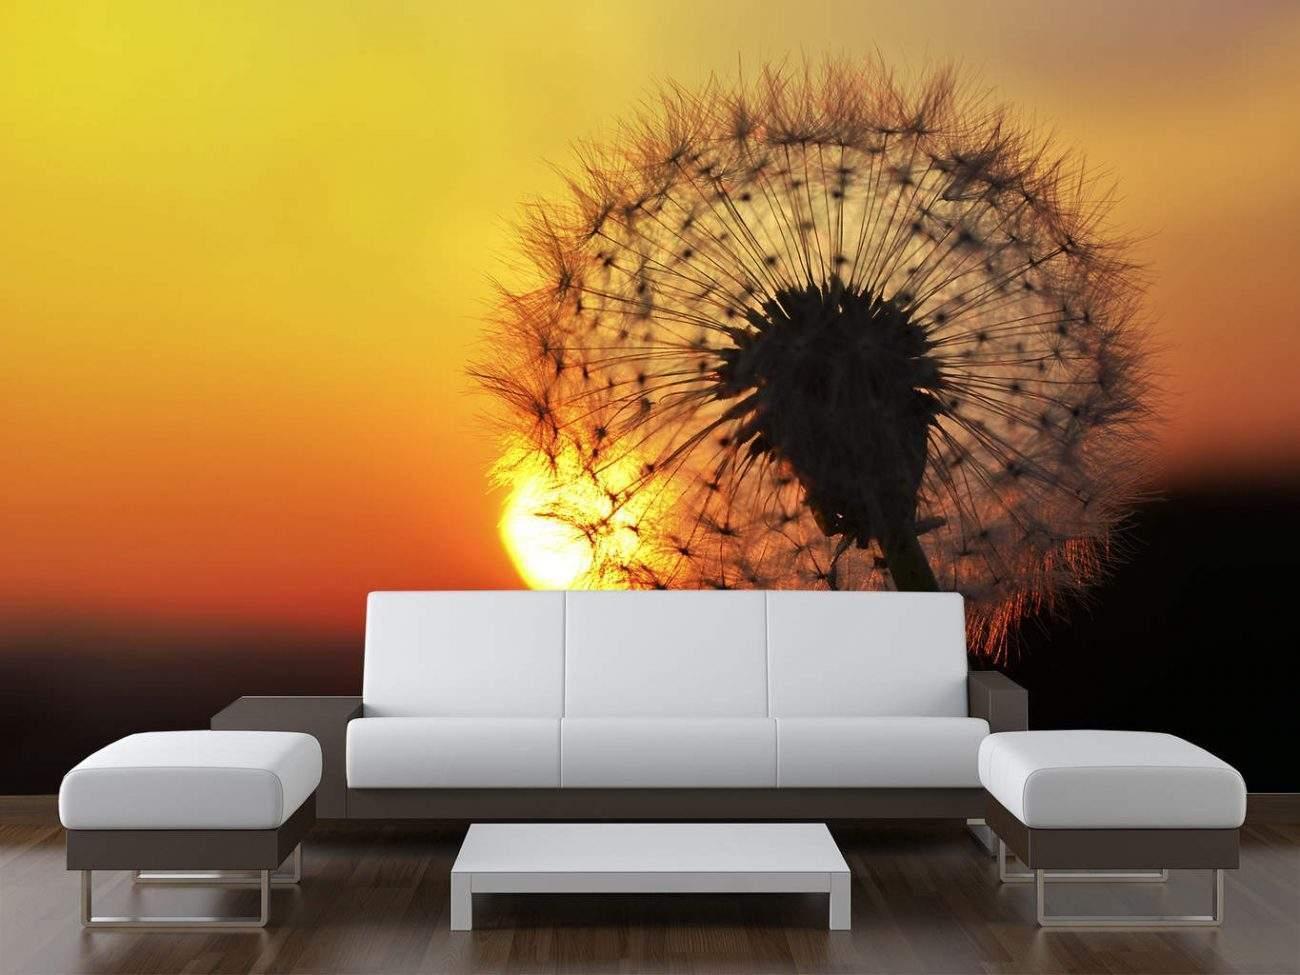 Dandelion Sunset Wall Mural